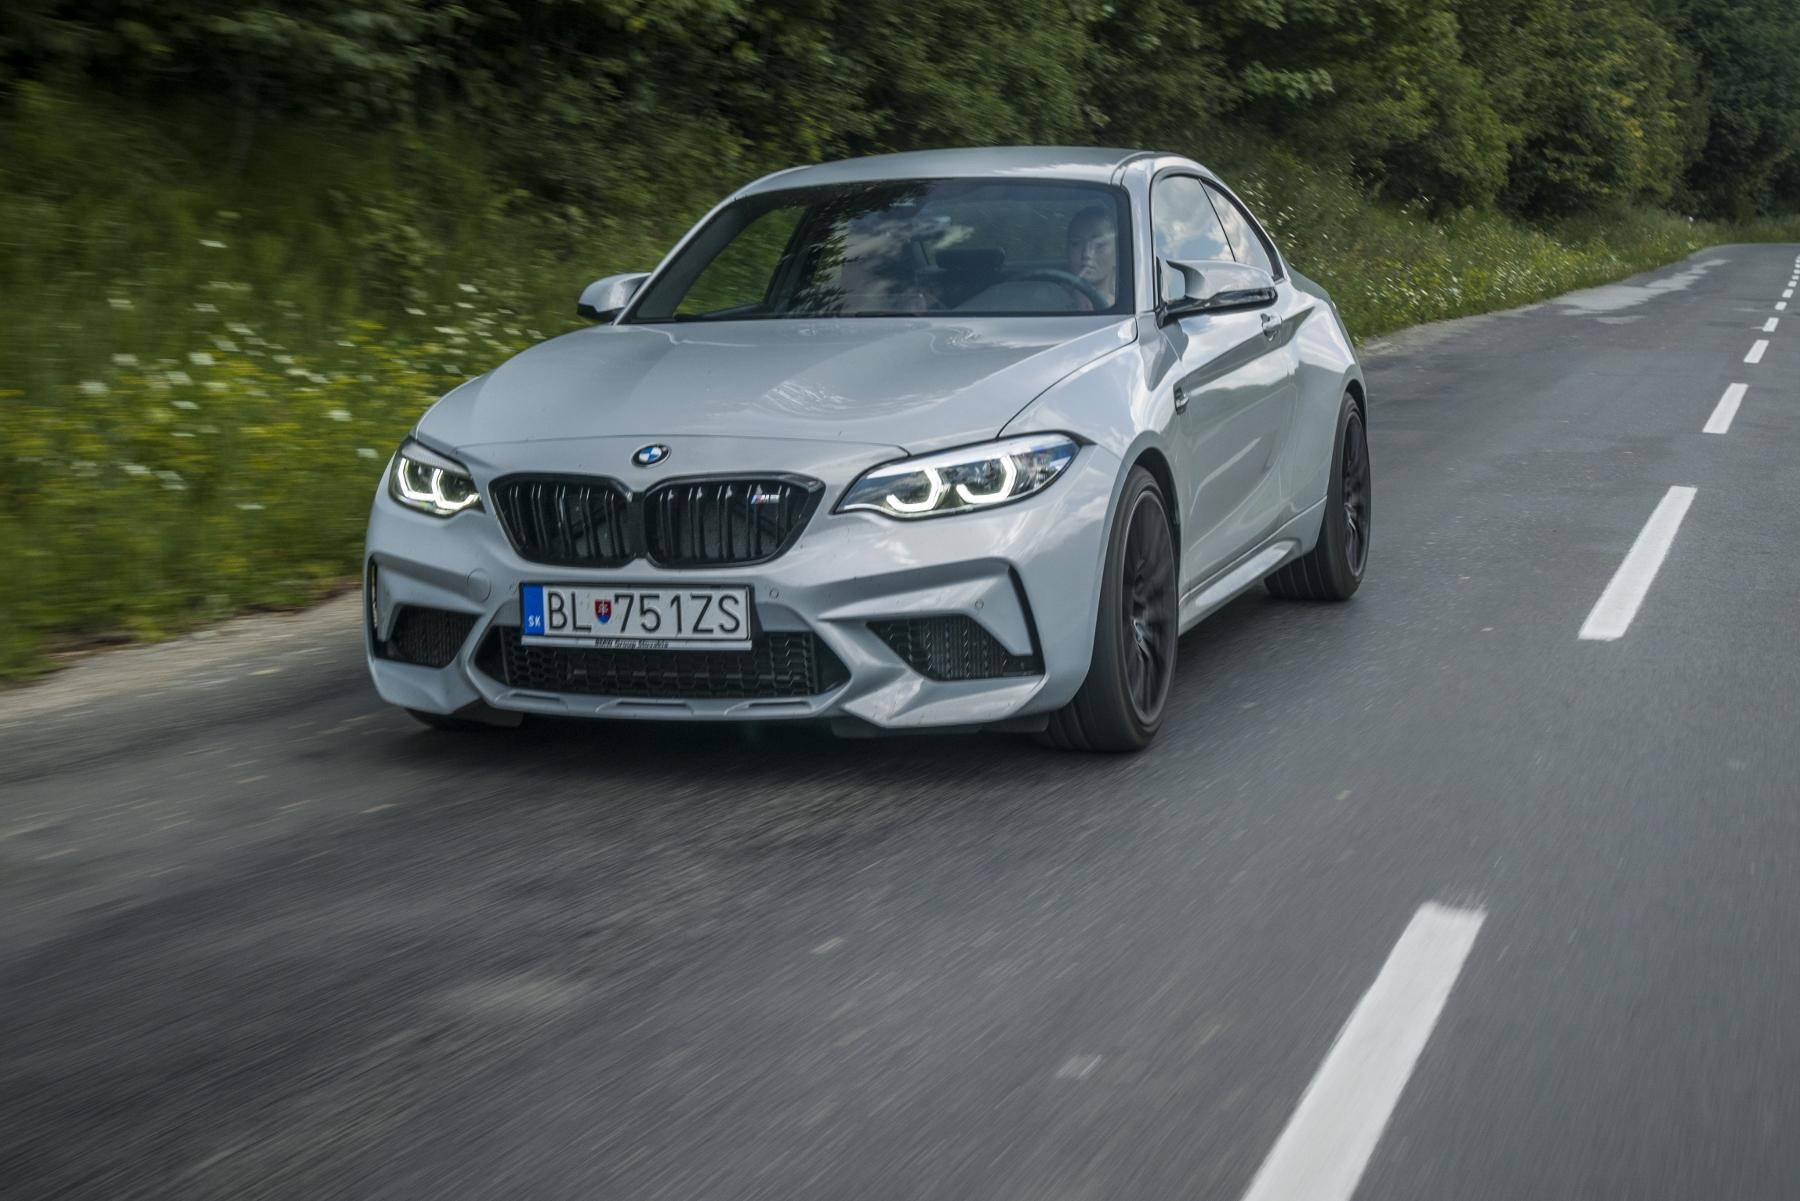 Test: BMW M2 Competition je nálož plná zábavy vSKZwmDZFC bmw-m2-21